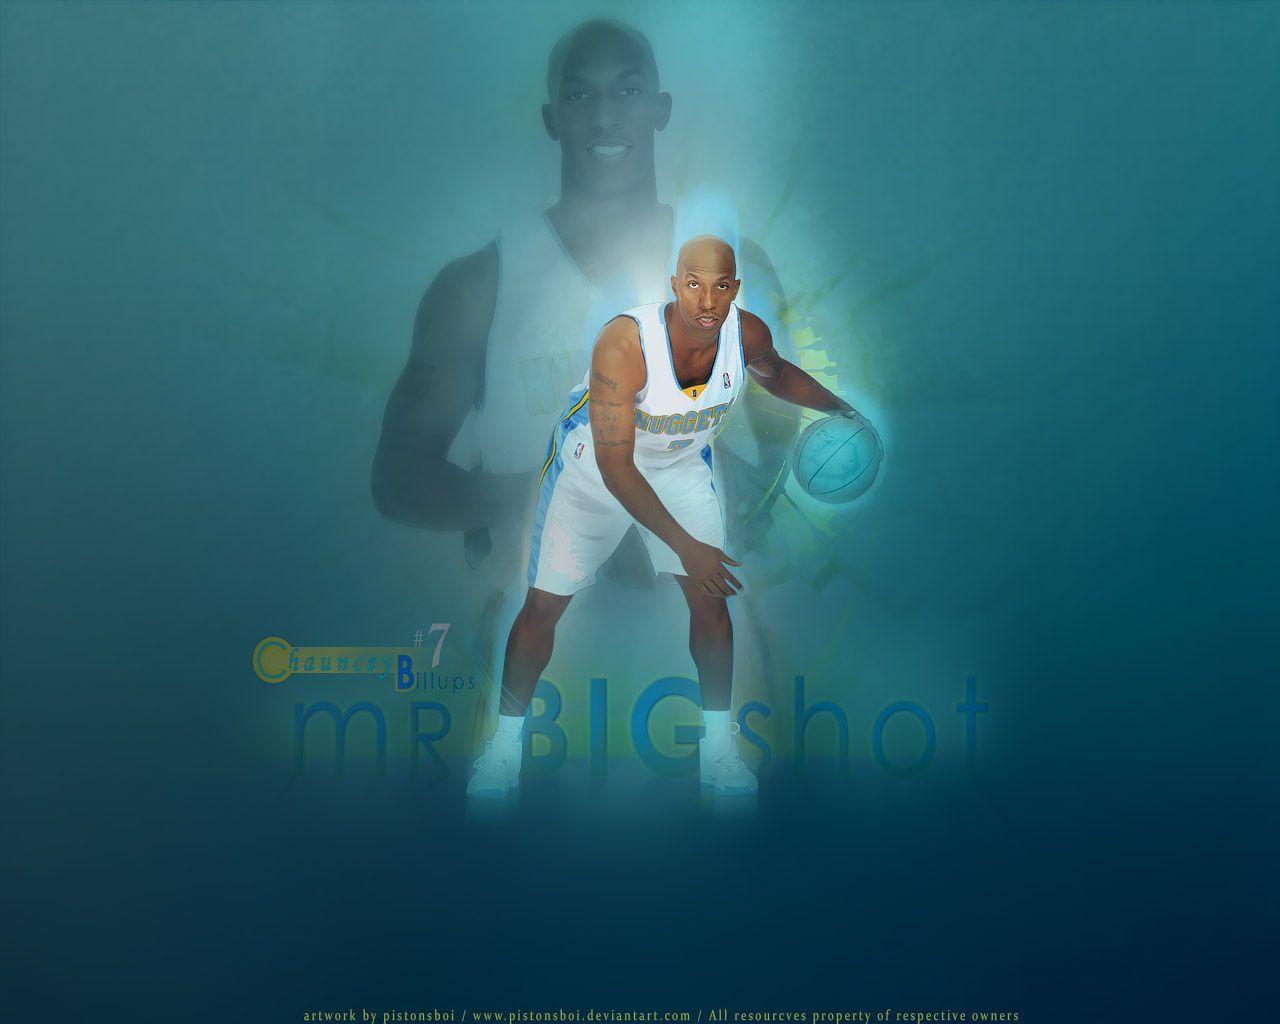 Chauncey Billups Denver Nuggets Wallpaper | Basketball Wallpapers ...